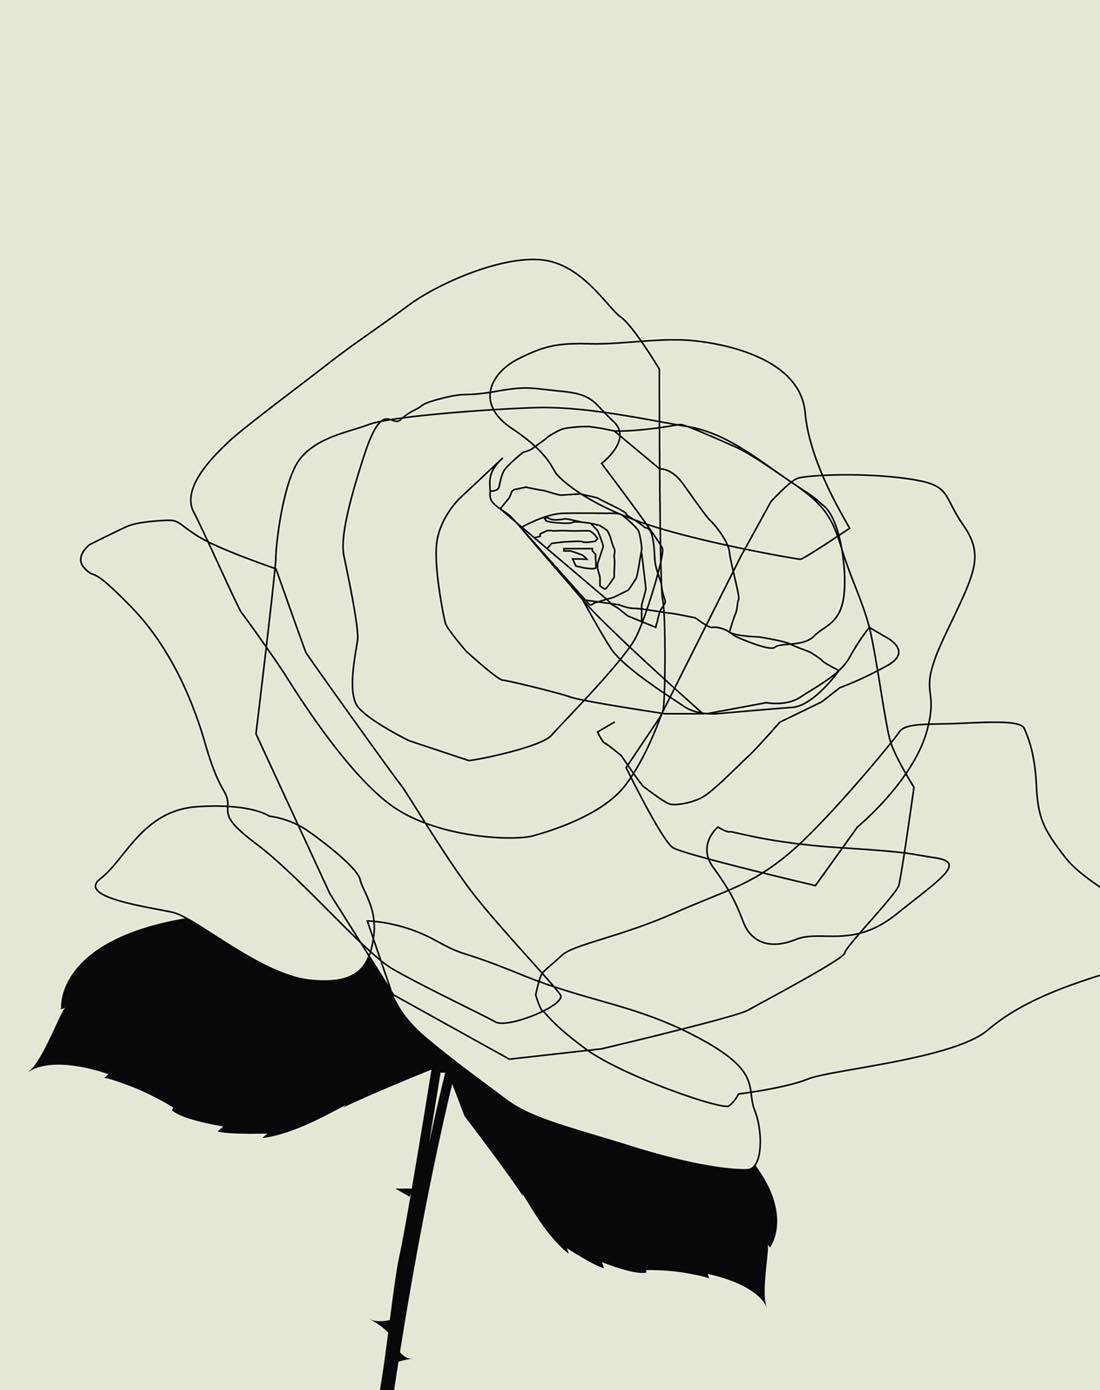 玫瑰花画 玫瑰花名画 玫瑰花简笔画 玫瑰花铅笔画